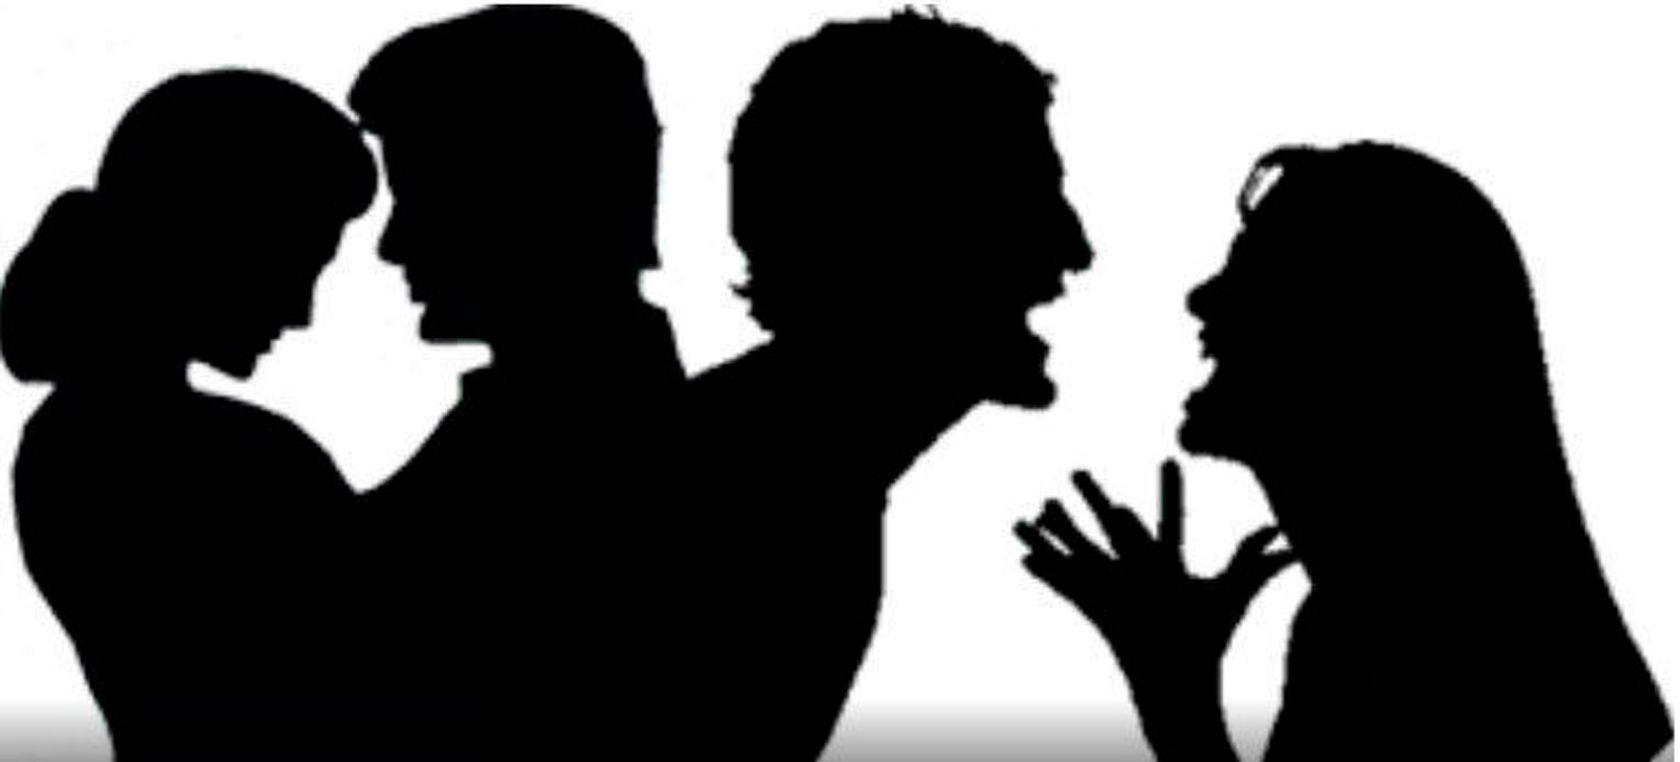 #FantoRanking: 7 canciones para dedicarle a esa persona tóxica - Radio Cantilo